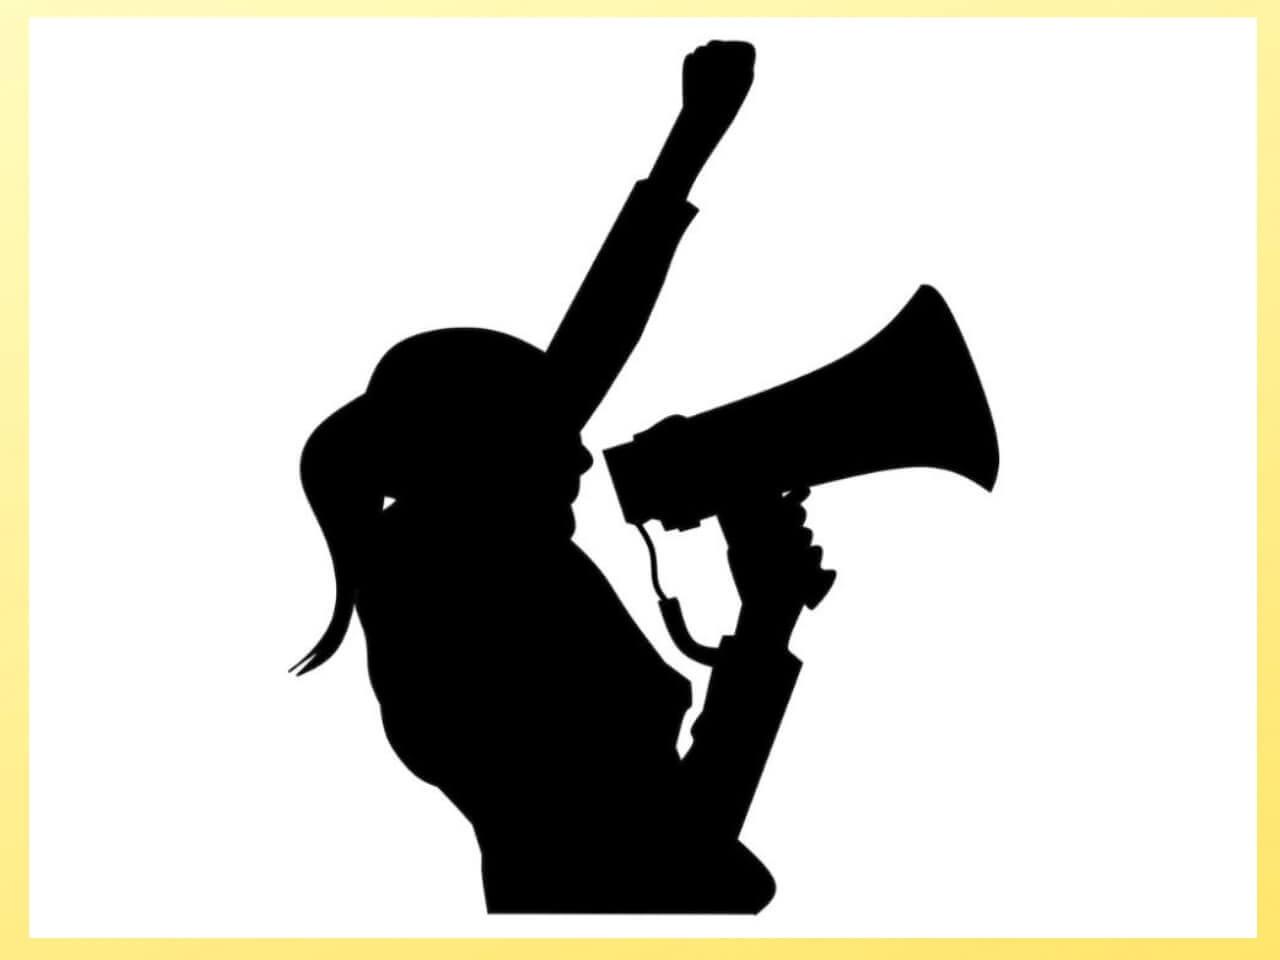 拡声器で大声をあげる女性のシルエット